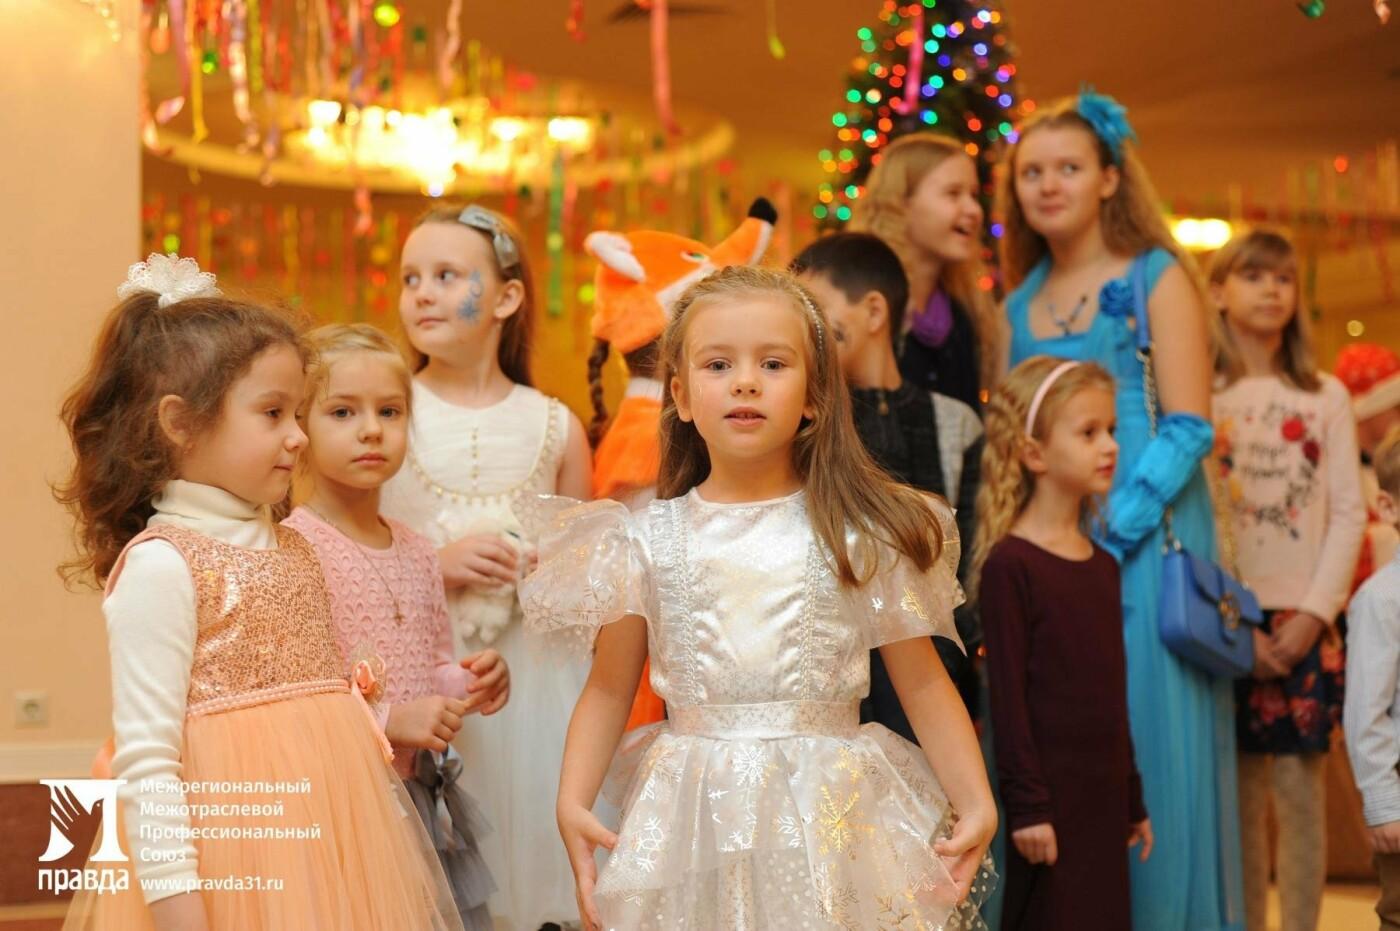 «Правда» организовала для всех детей участников профсоюза новогодние утренники в Белгородской филармонии, фото-3